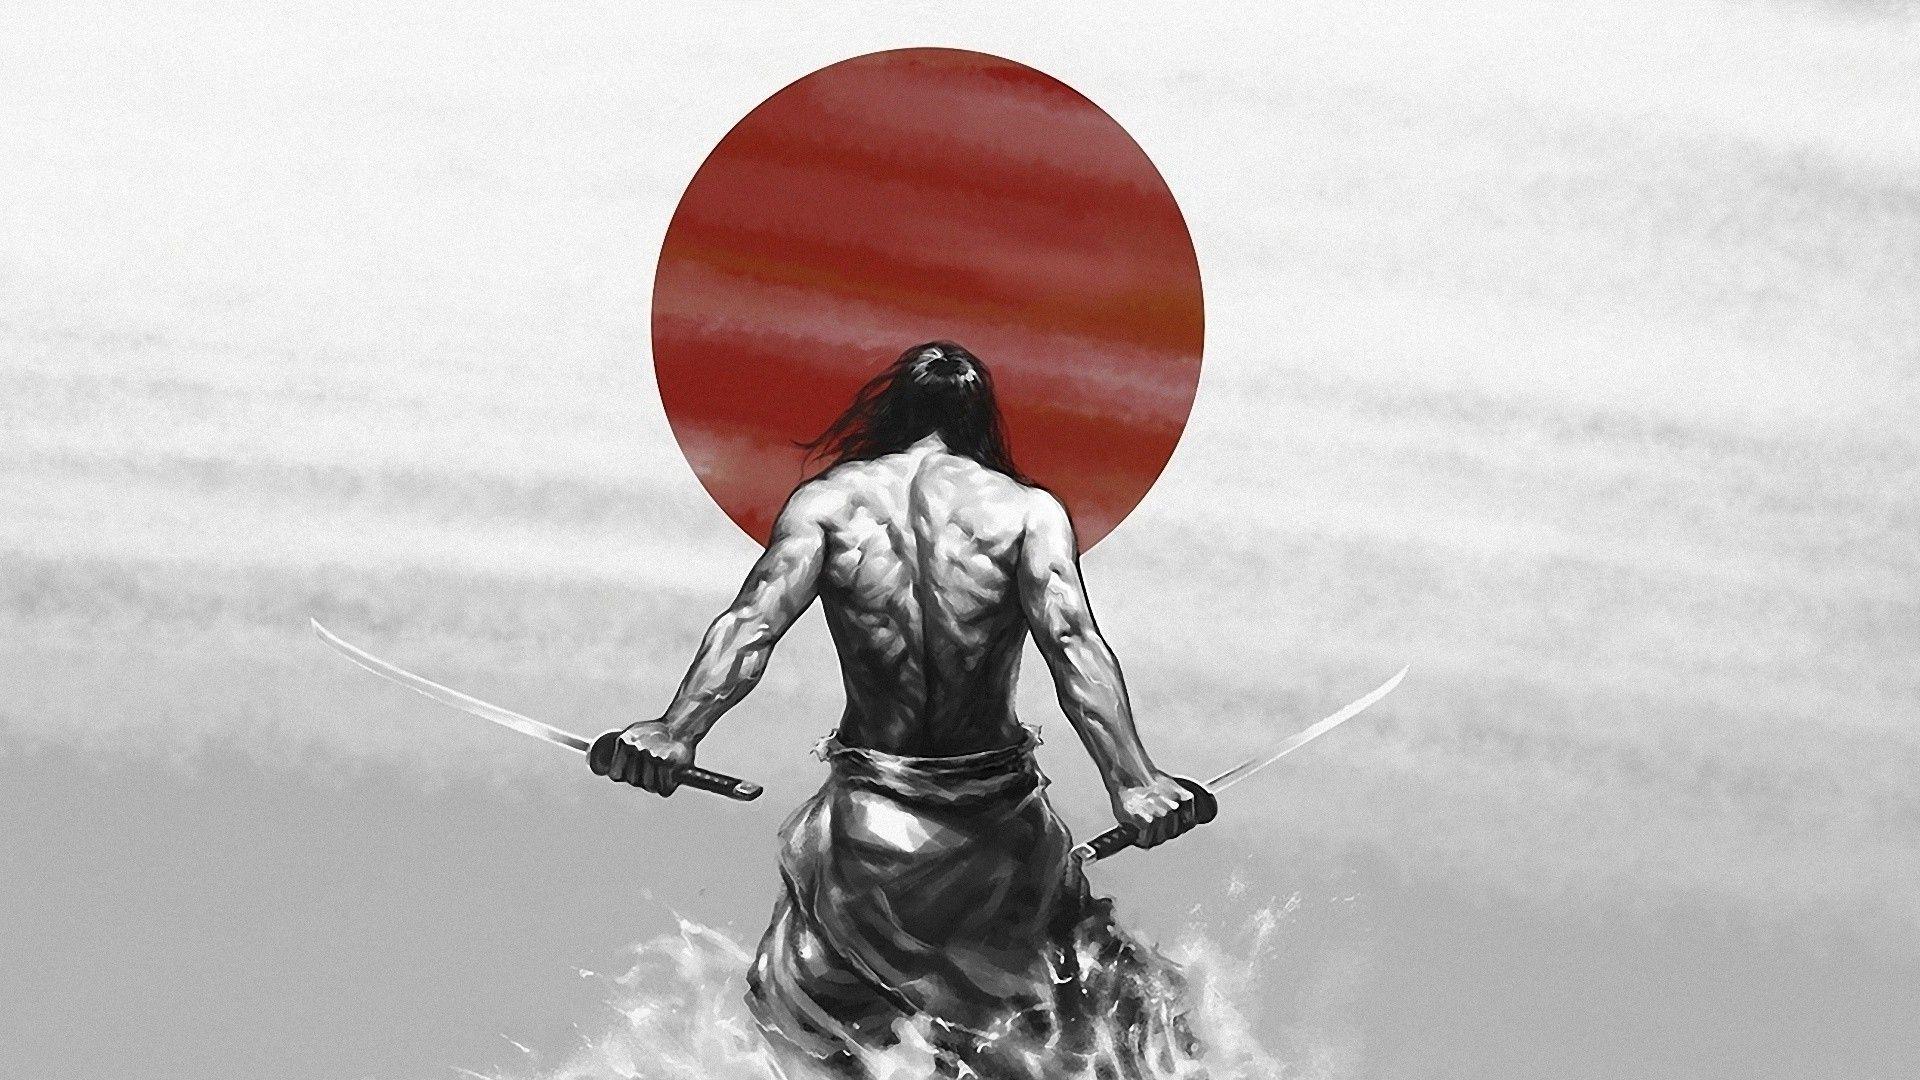 Samurai warriors sucker punch wallpaper 6891 - Samurai Wallpaper 8820